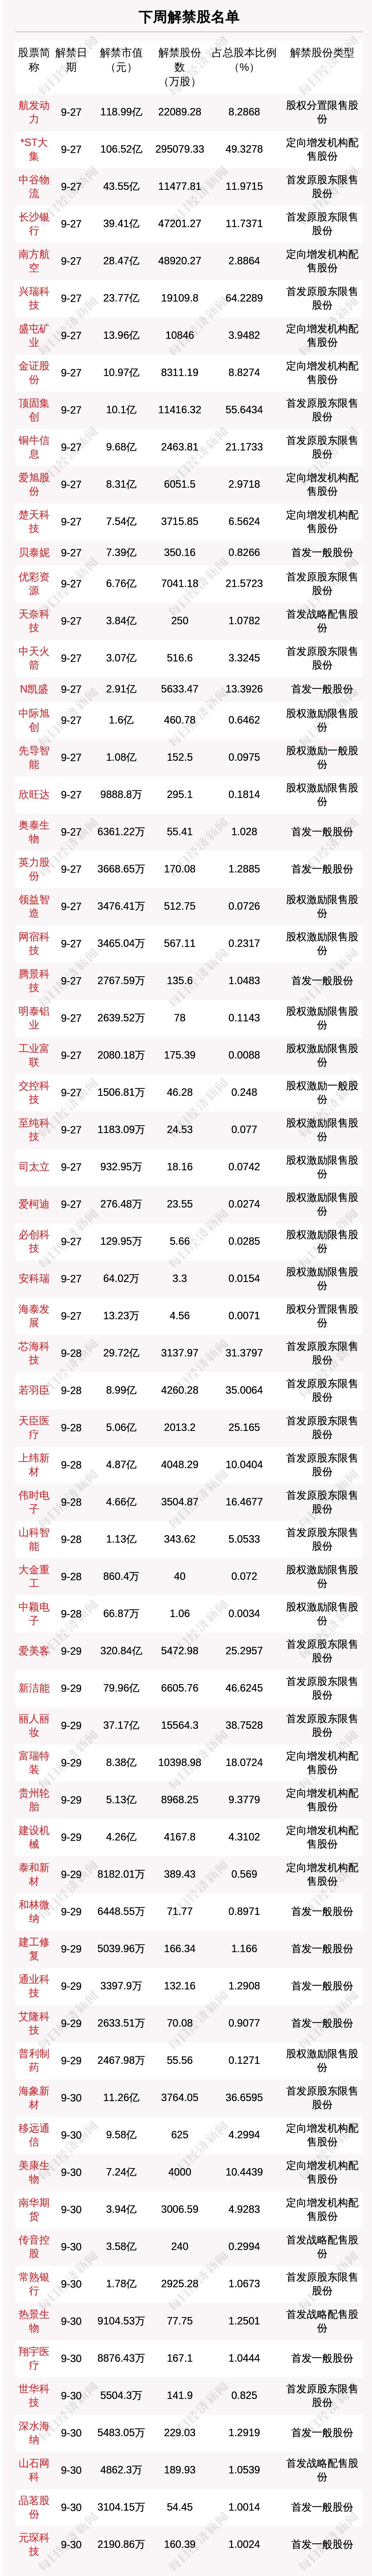 下周58.82亿股限售股解禁,解禁市值达1006.15亿元(附名单)